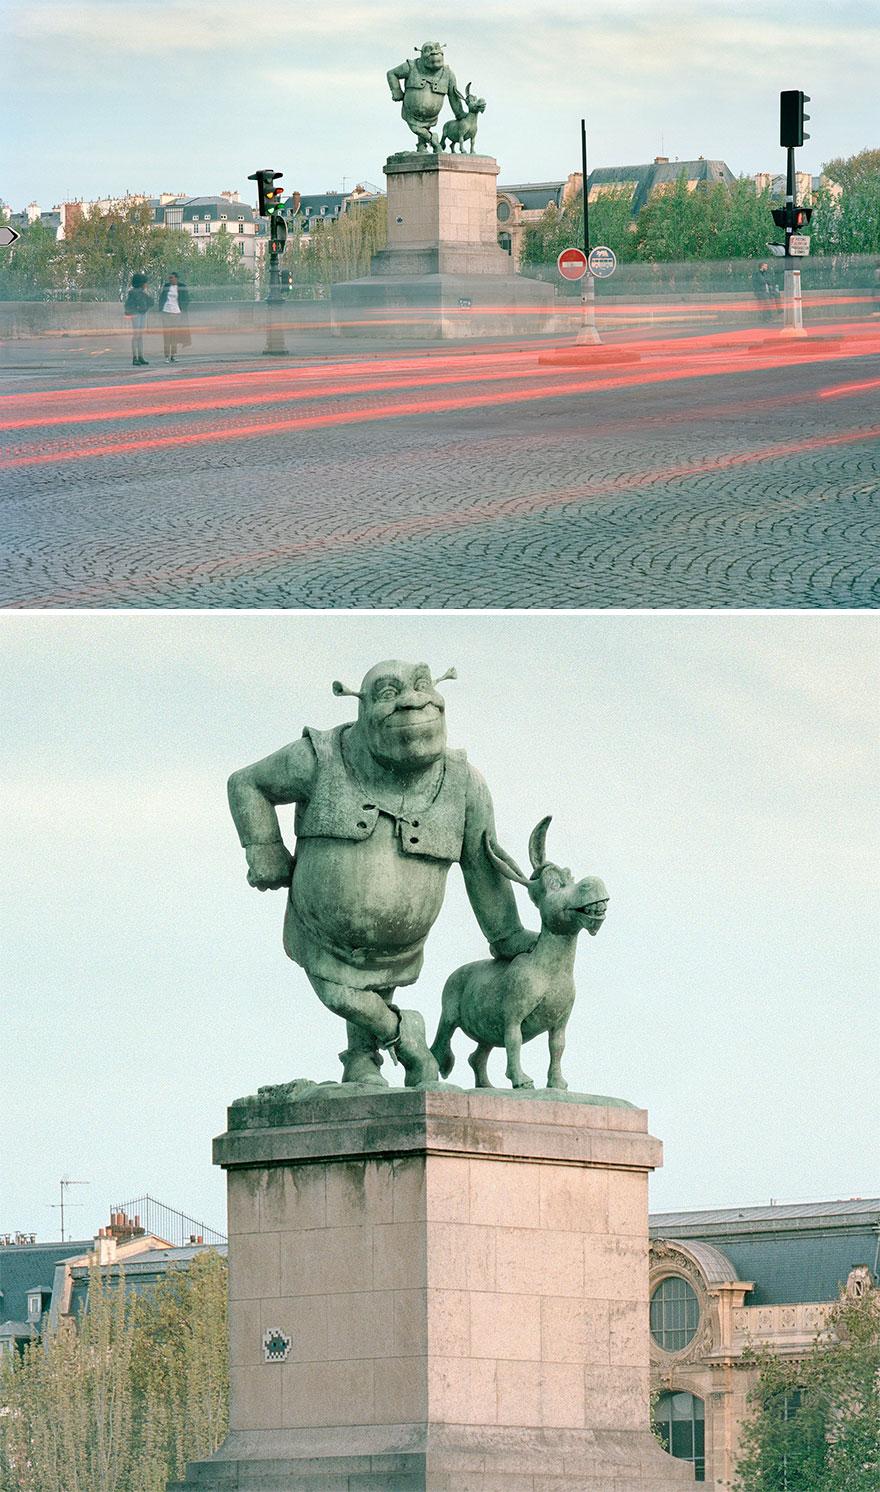 Kind Ogre And His Companion (Shrek)